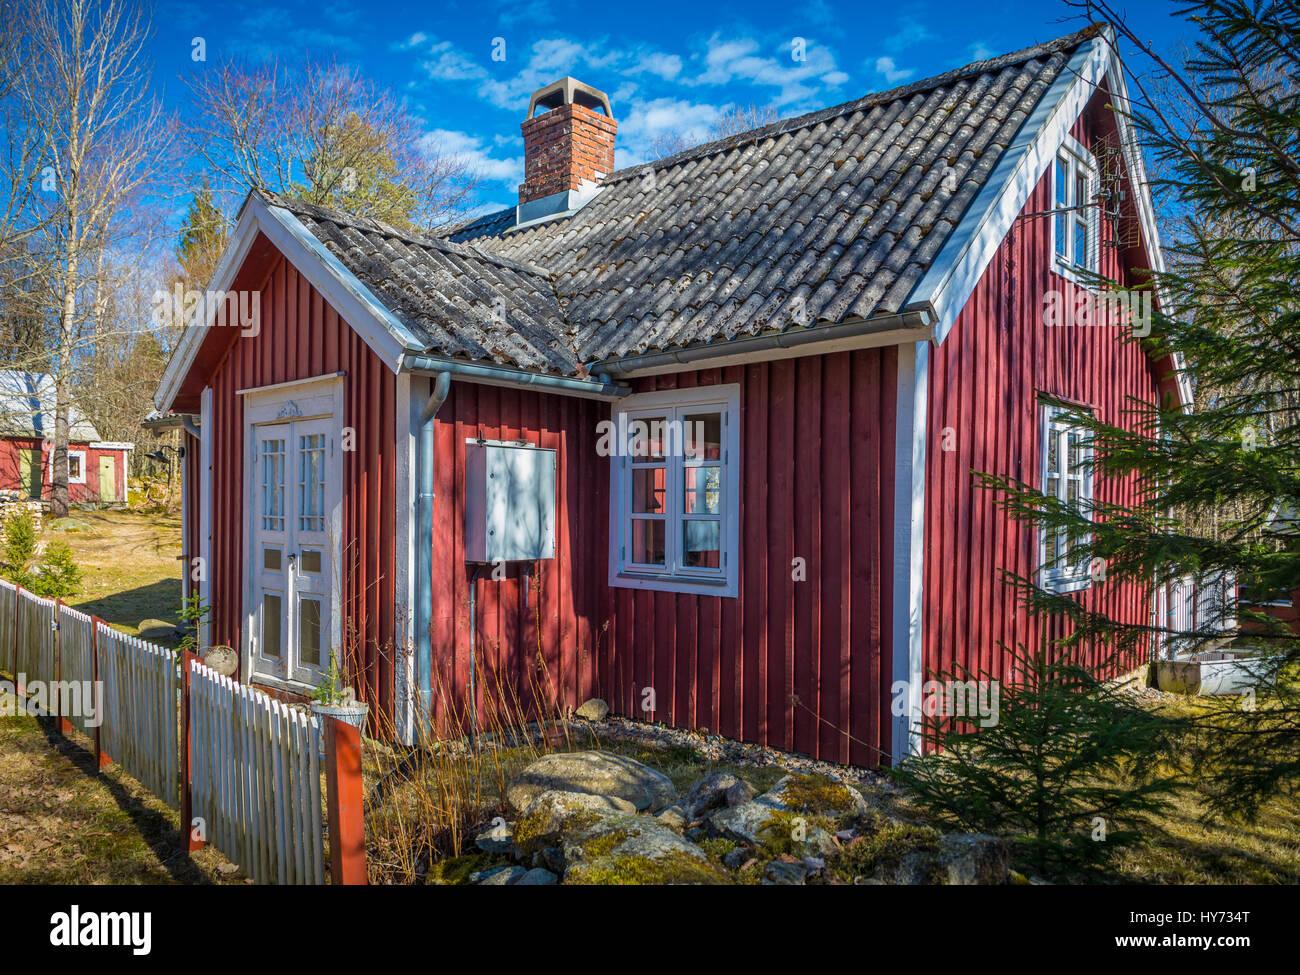 Ferienhaus in der südlichen Provinz Blekinge in Schweden, in der Nähe von Kyrkhult. Stockbild